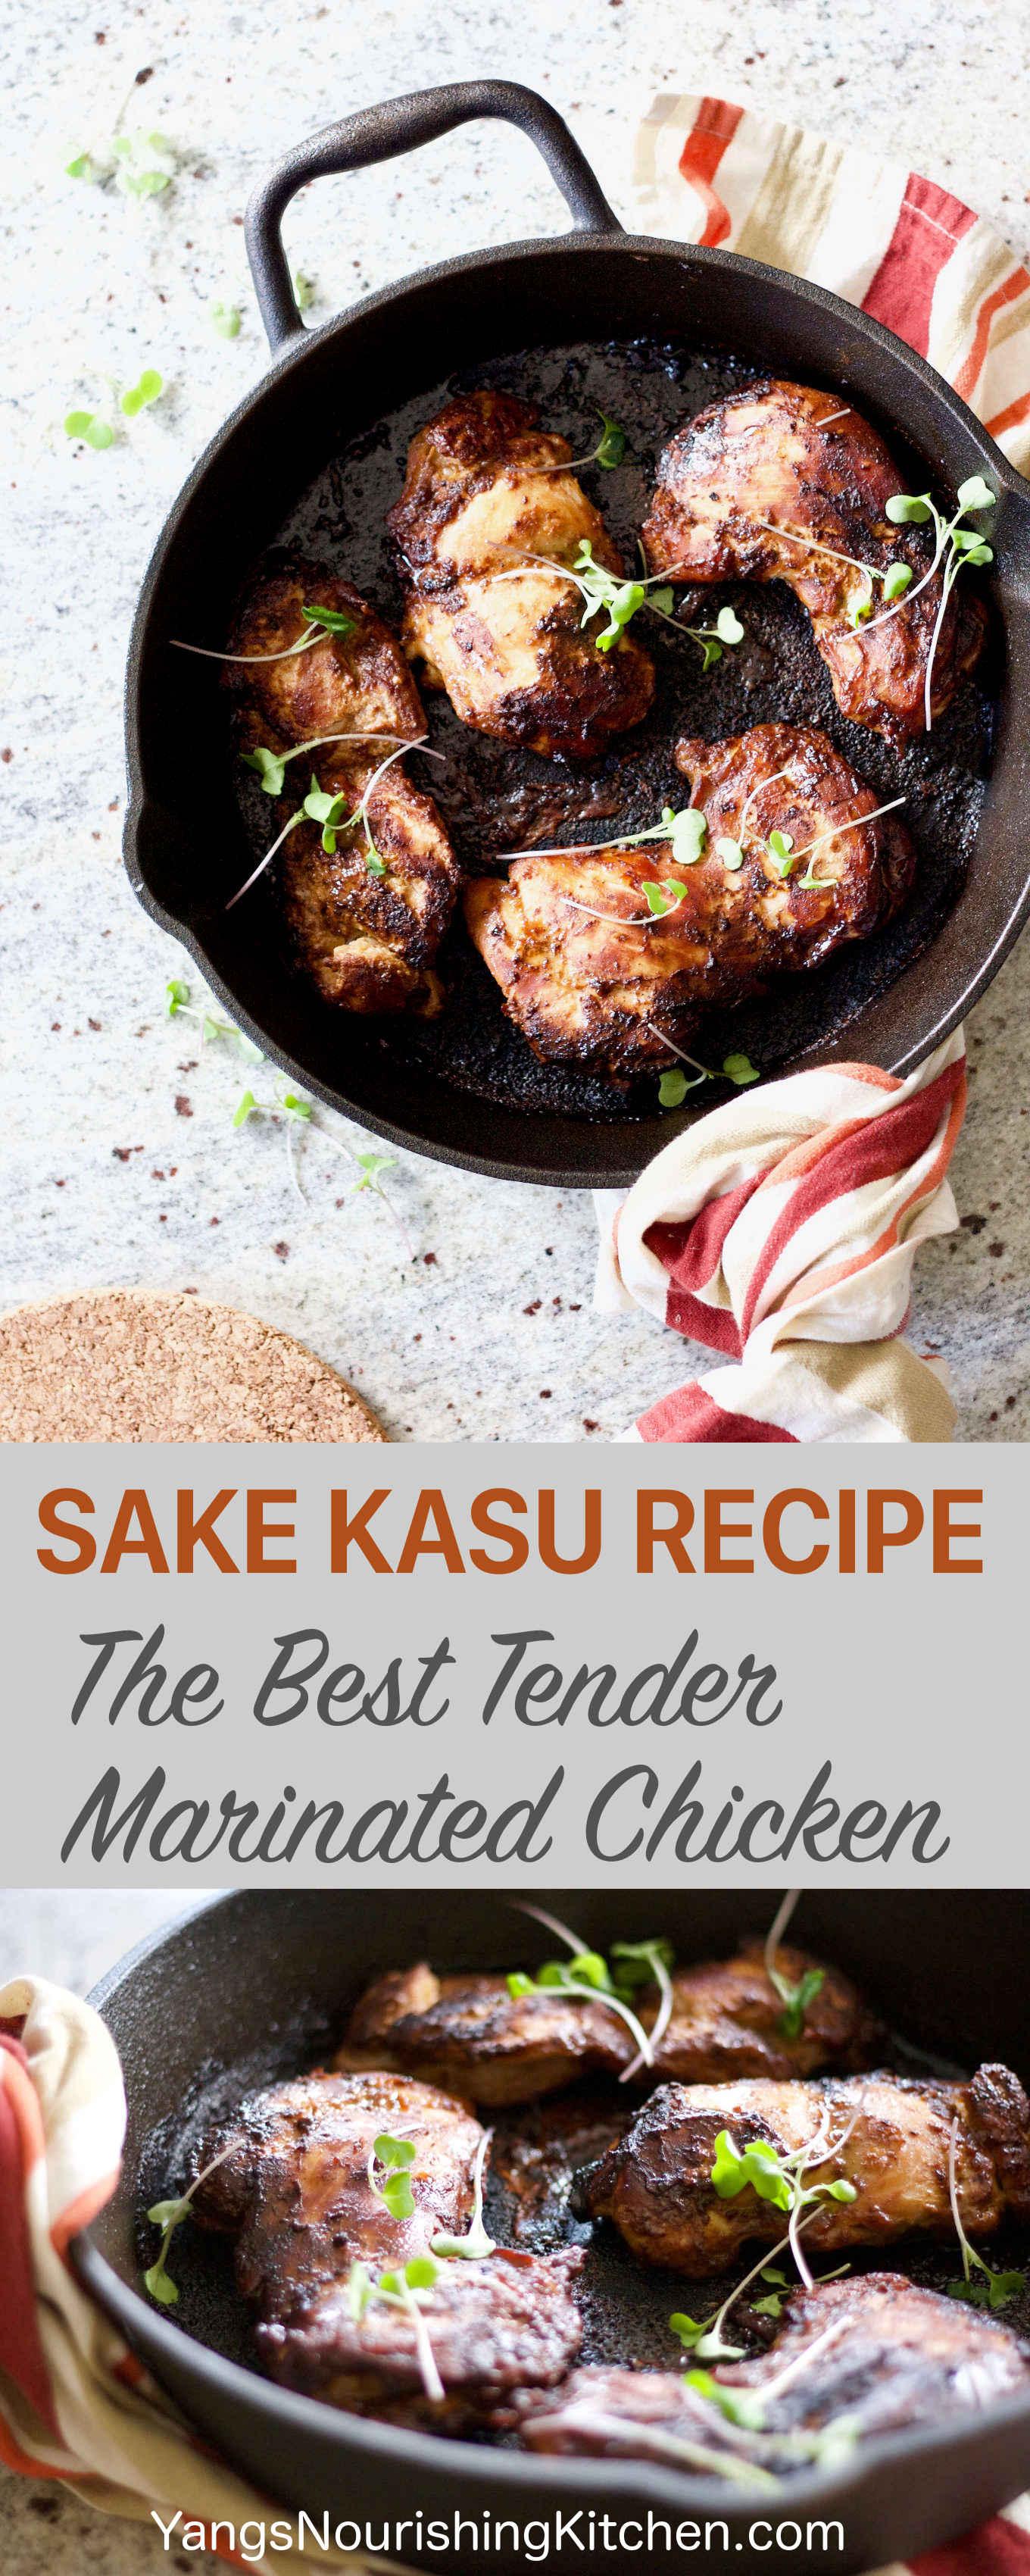 Sake Kasu Recipe: The Best Tender Marinated Chicken